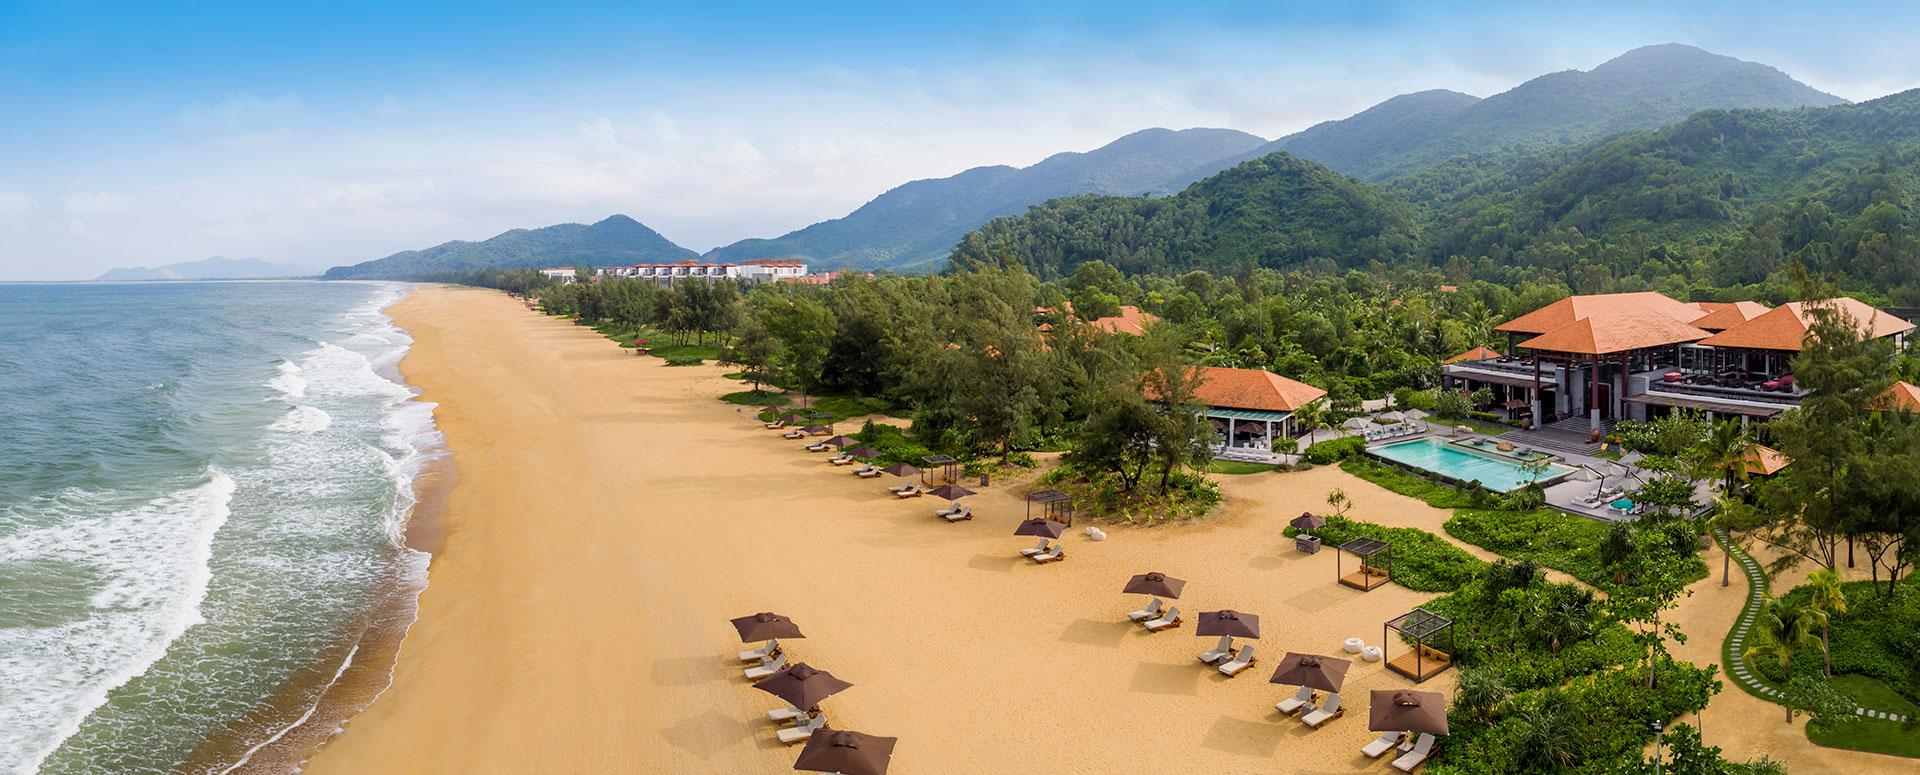 Banyan Tree Lăng Cô lọt vào top 50 resort tốt nhất thế giới trên trang Condé Nast Traveler